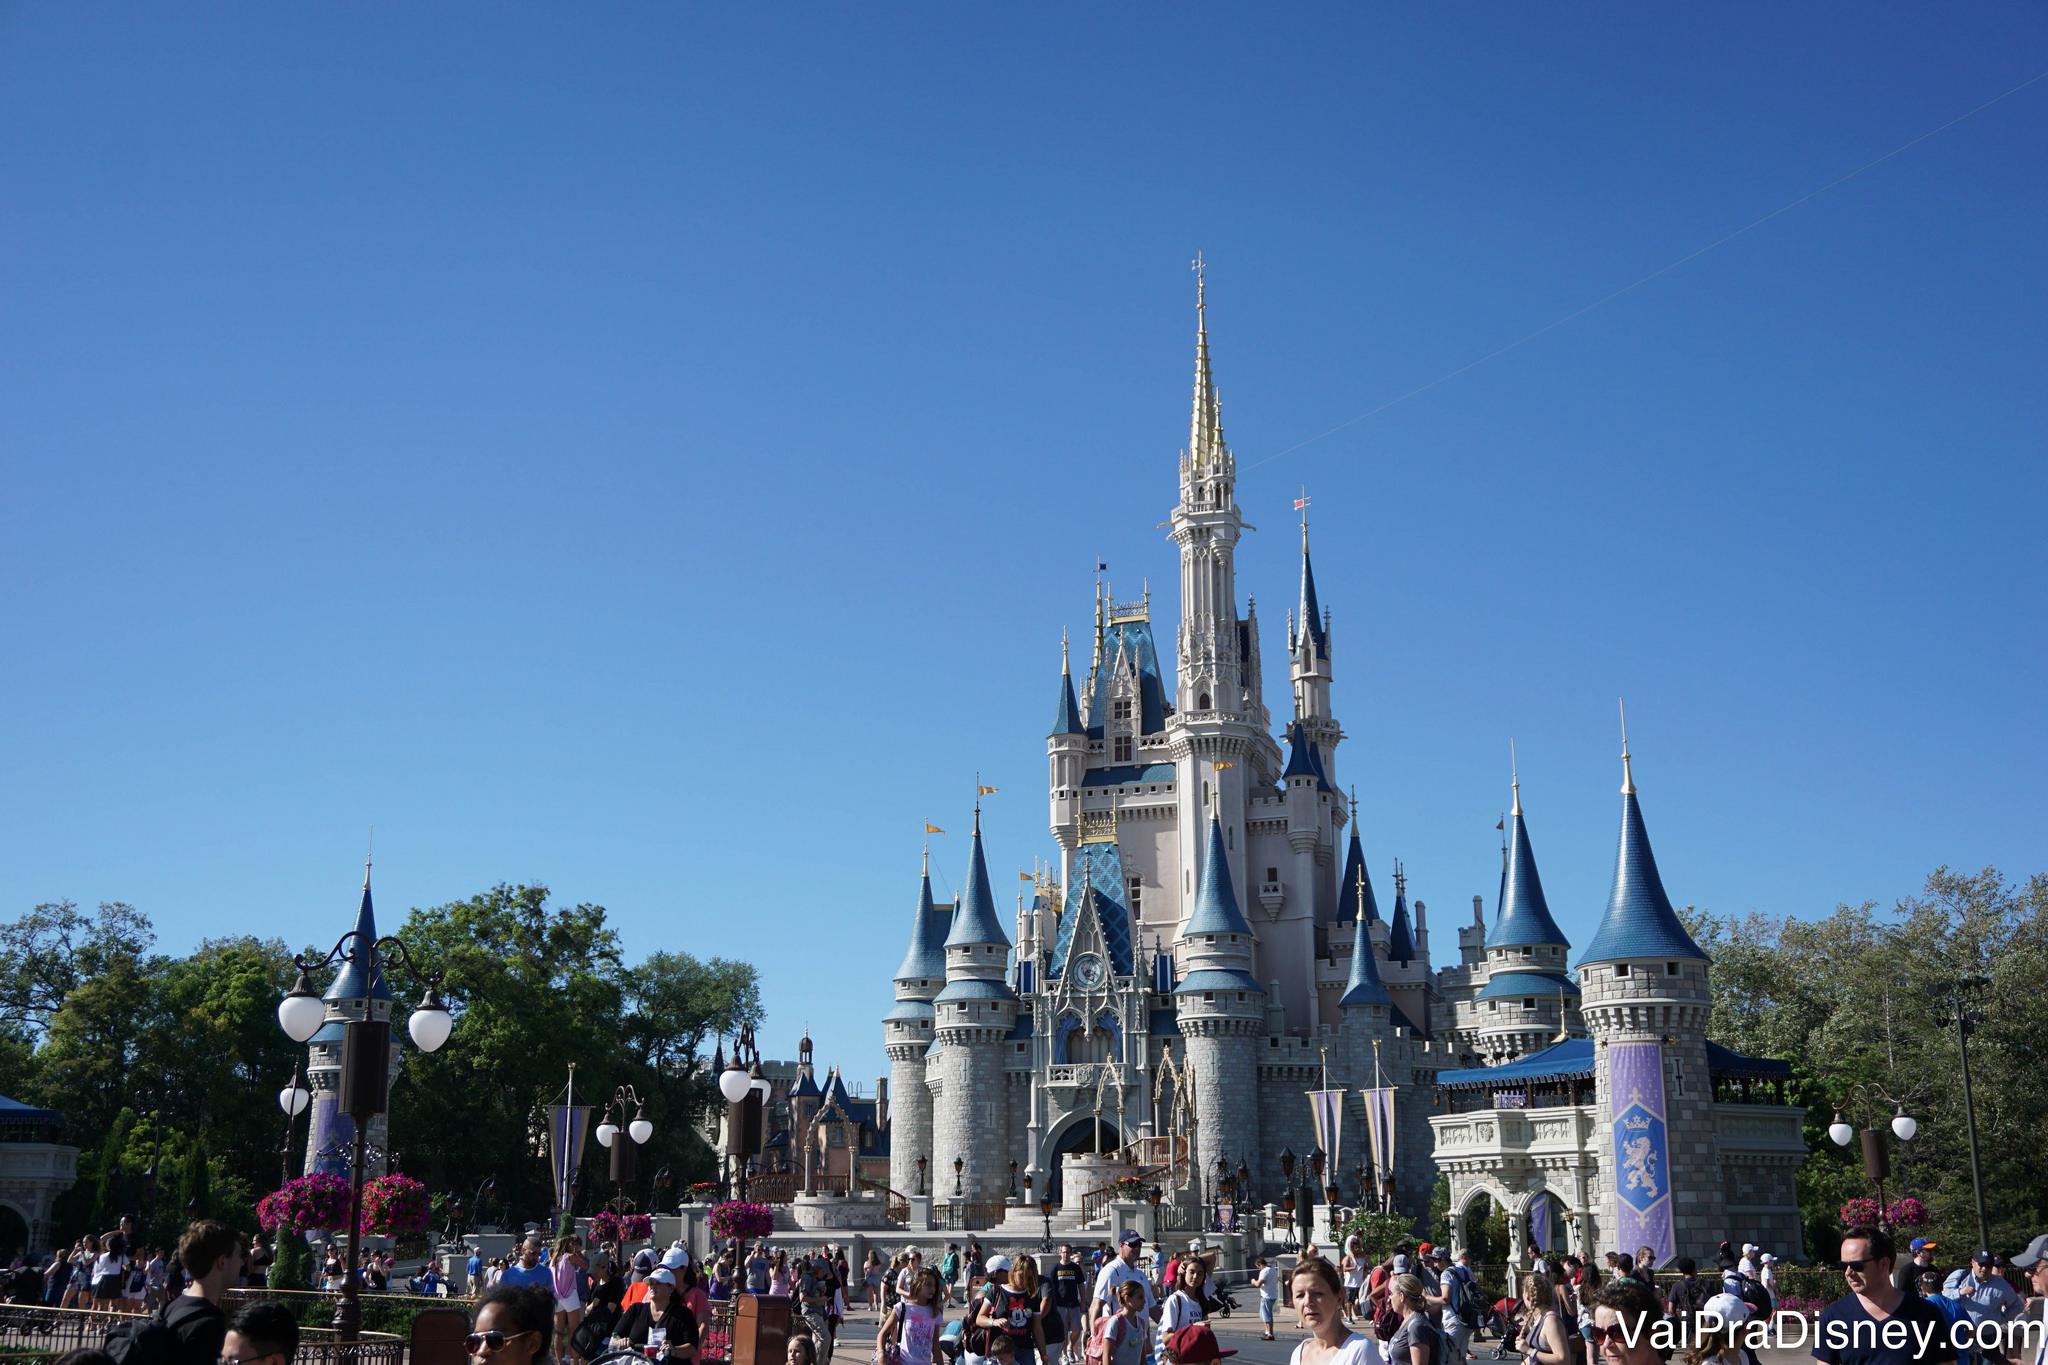 Quando a gente vê o castelo cai a ficha: estou na Disney!